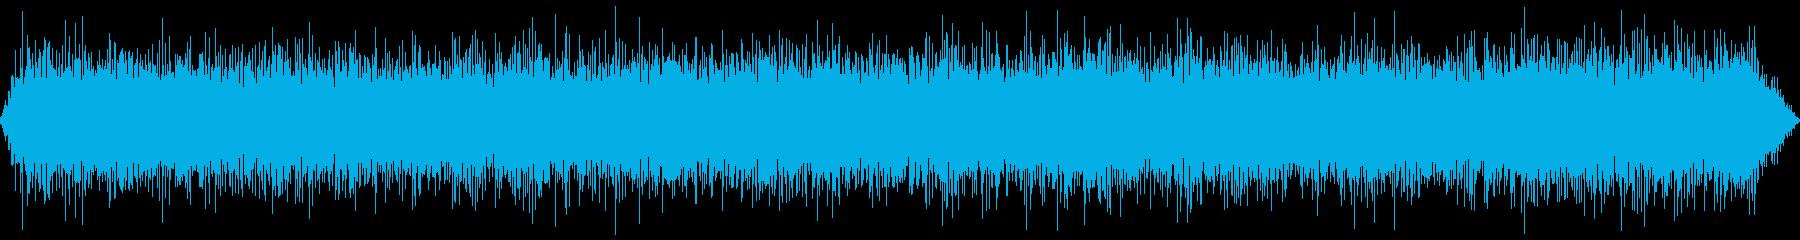 潜水艦エンジン:低ハム潜水艦の再生済みの波形